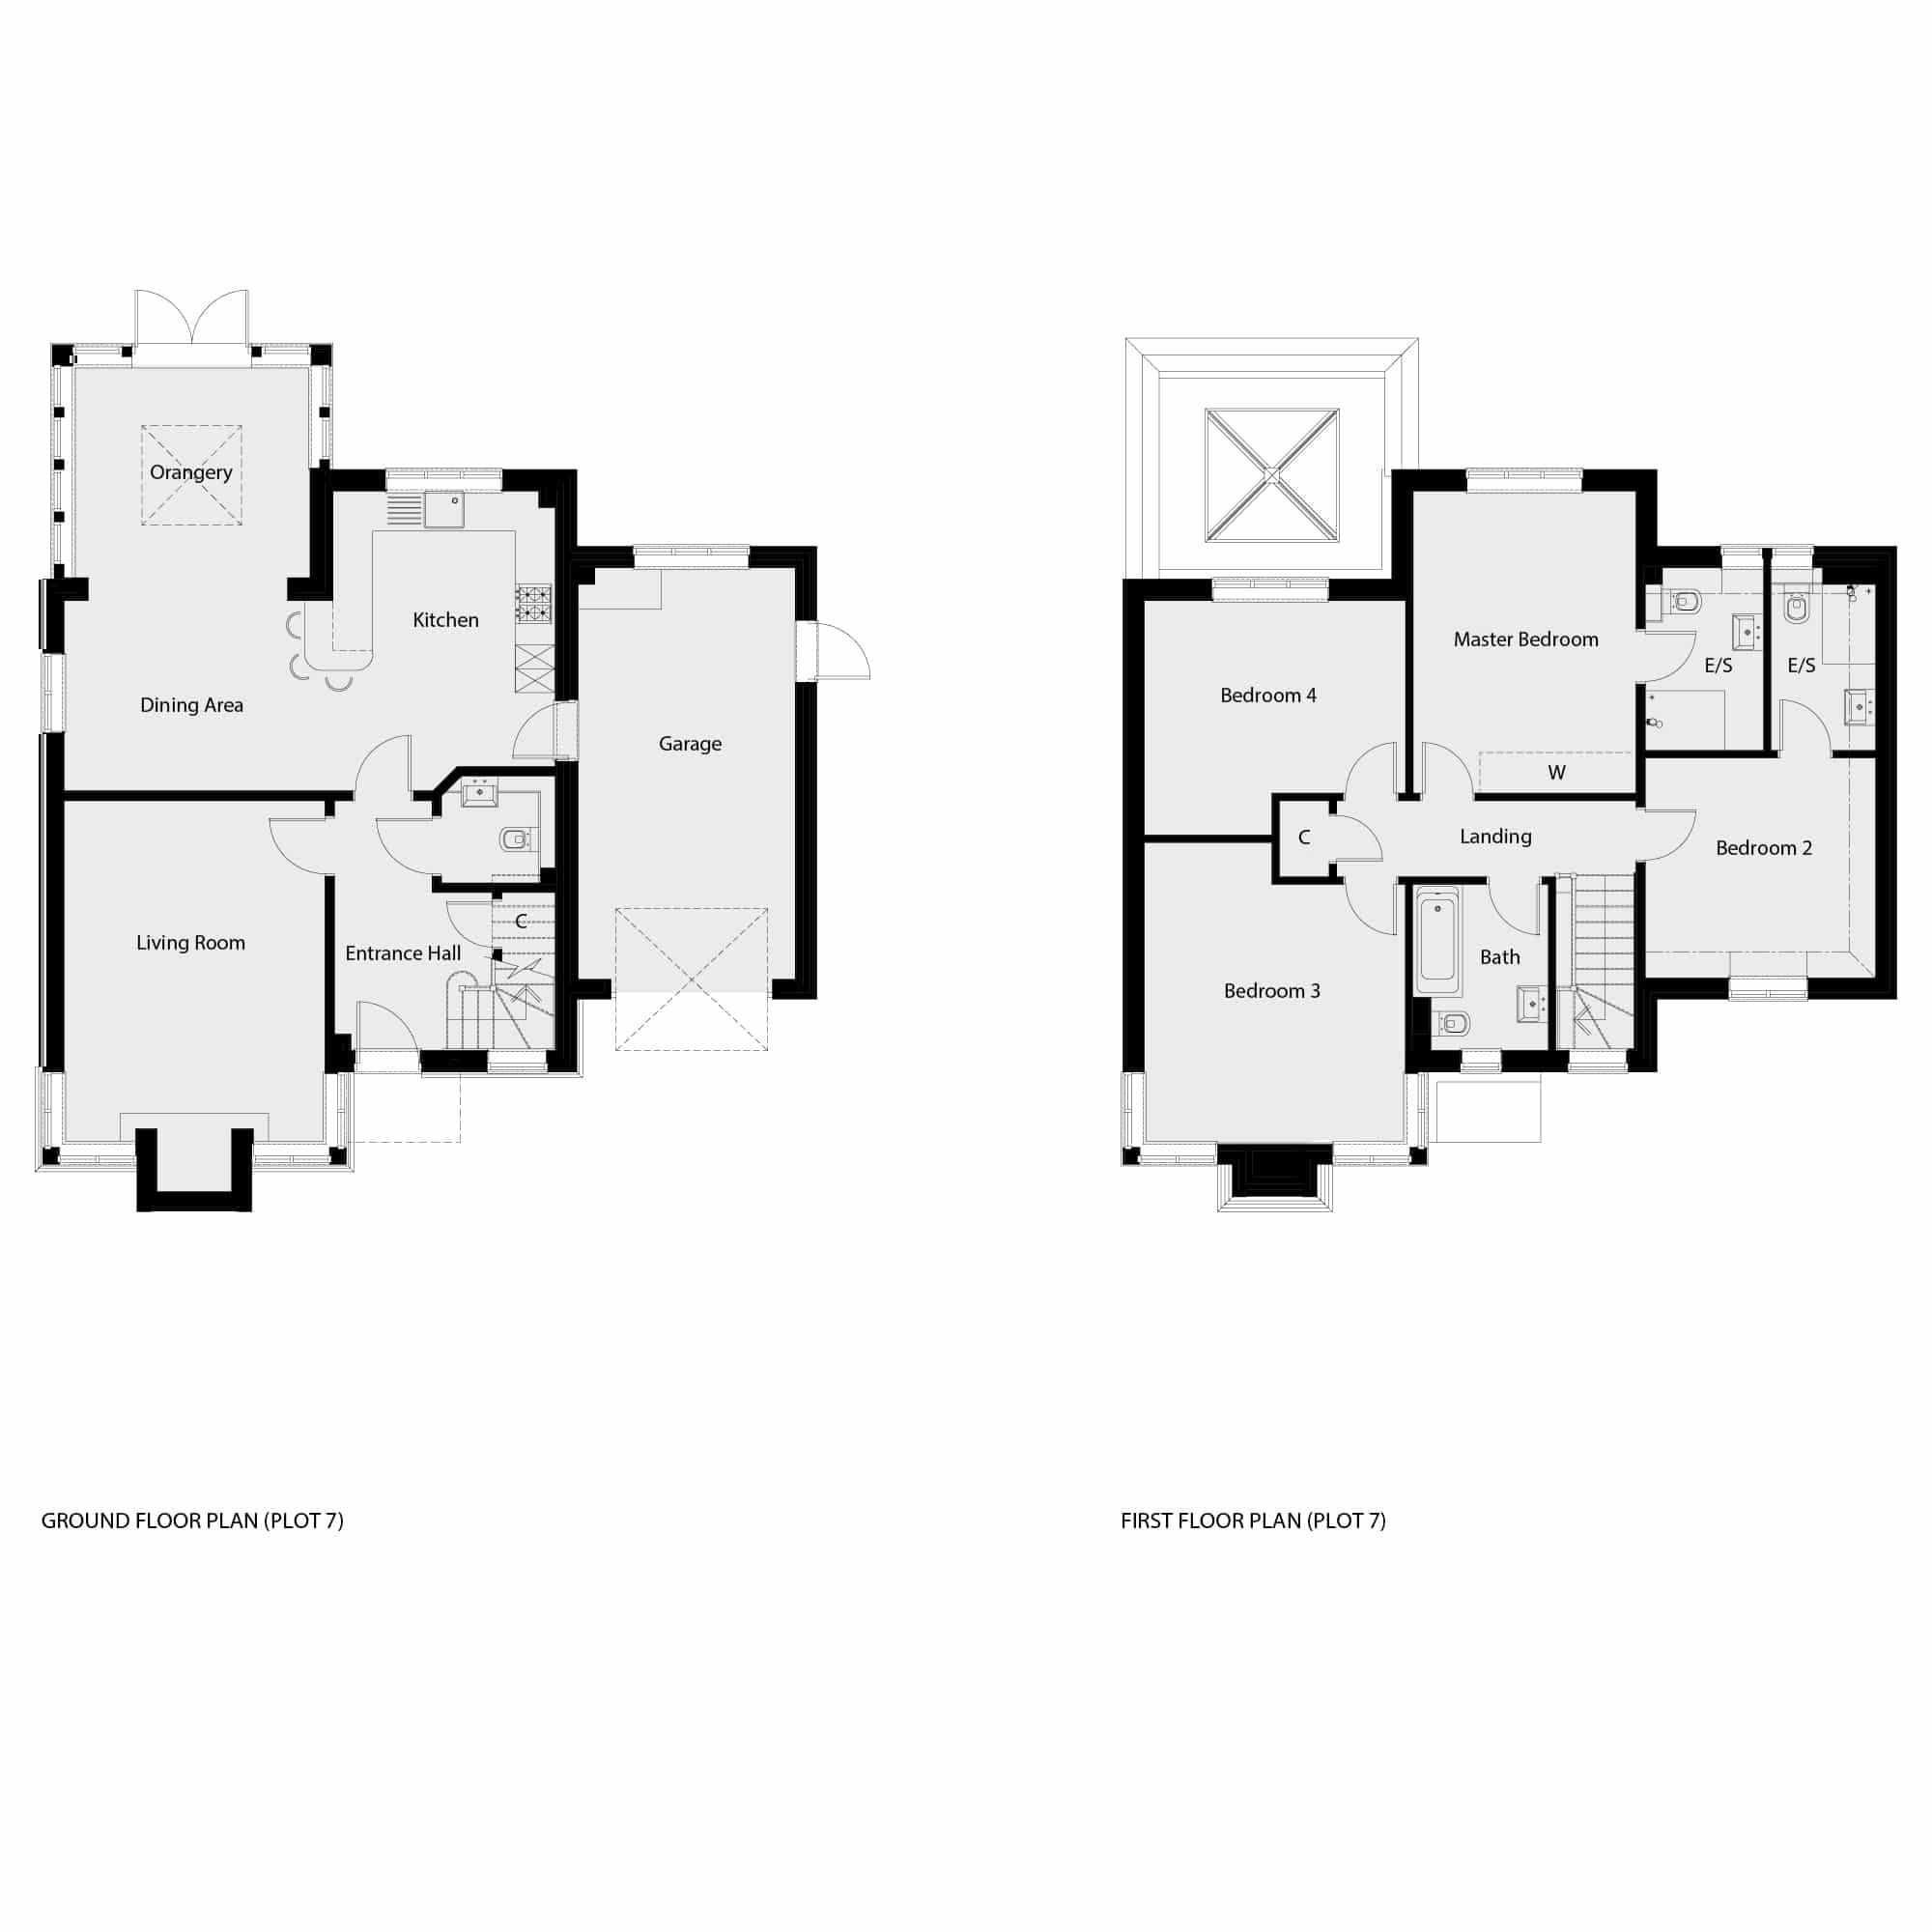 Floor Plans 7